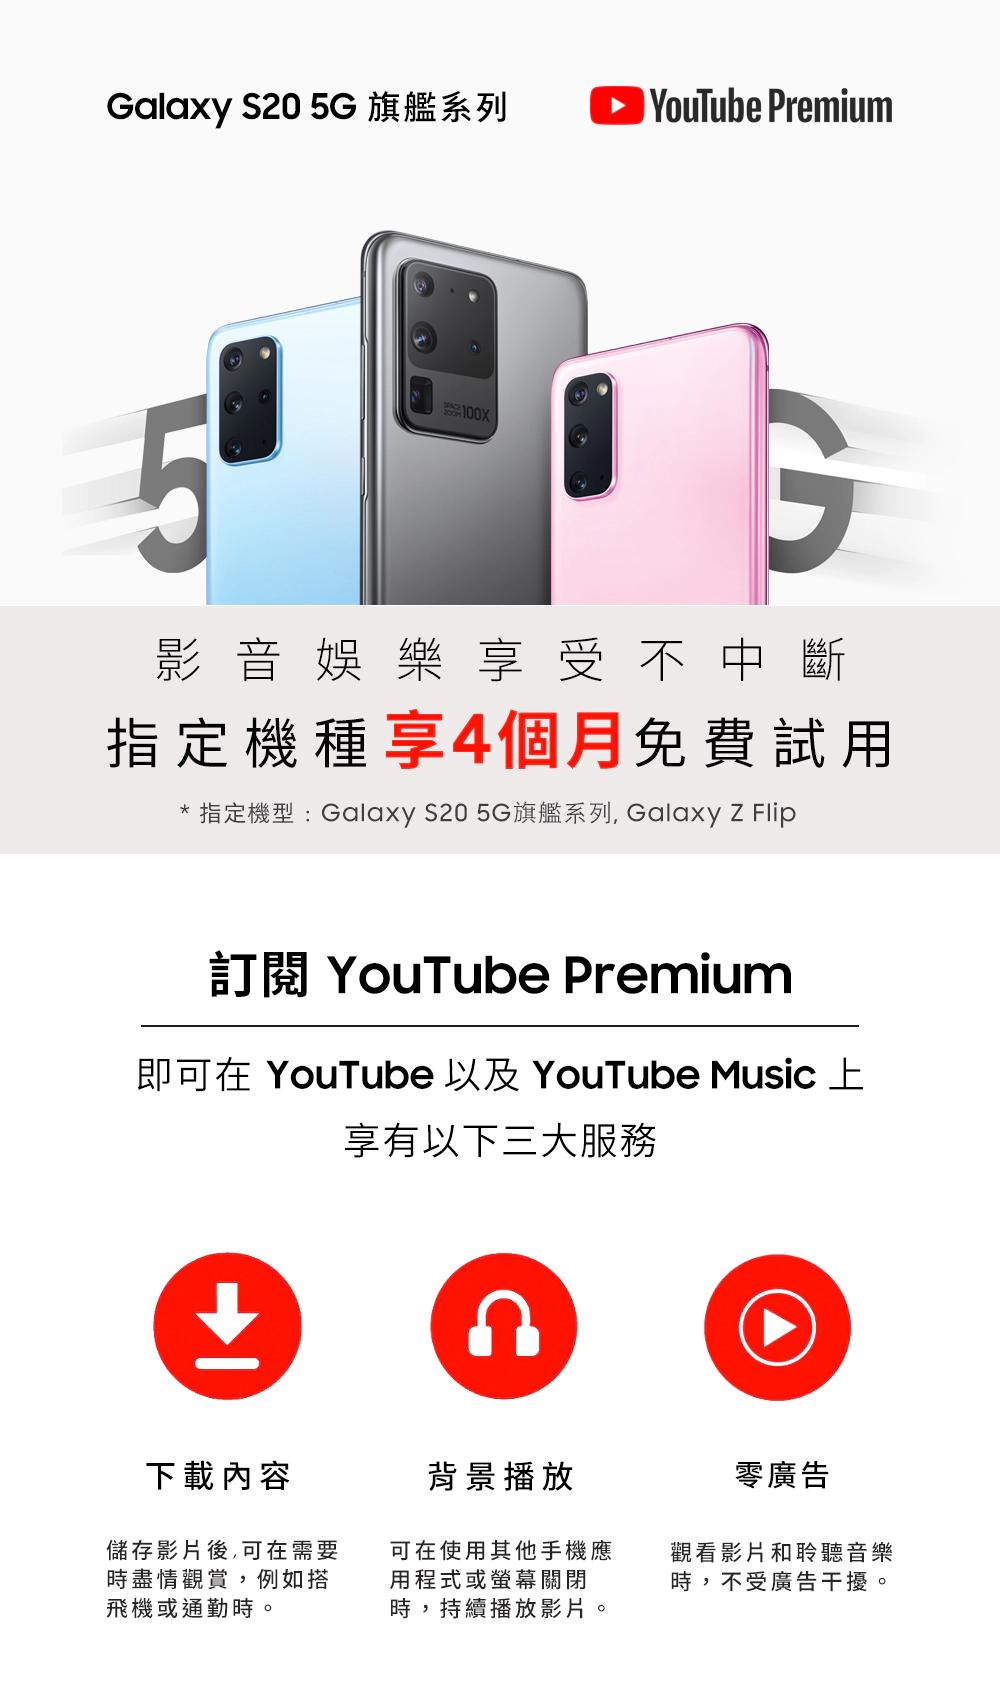 三星指定機種,享YouTube Premium 4個月免費試用